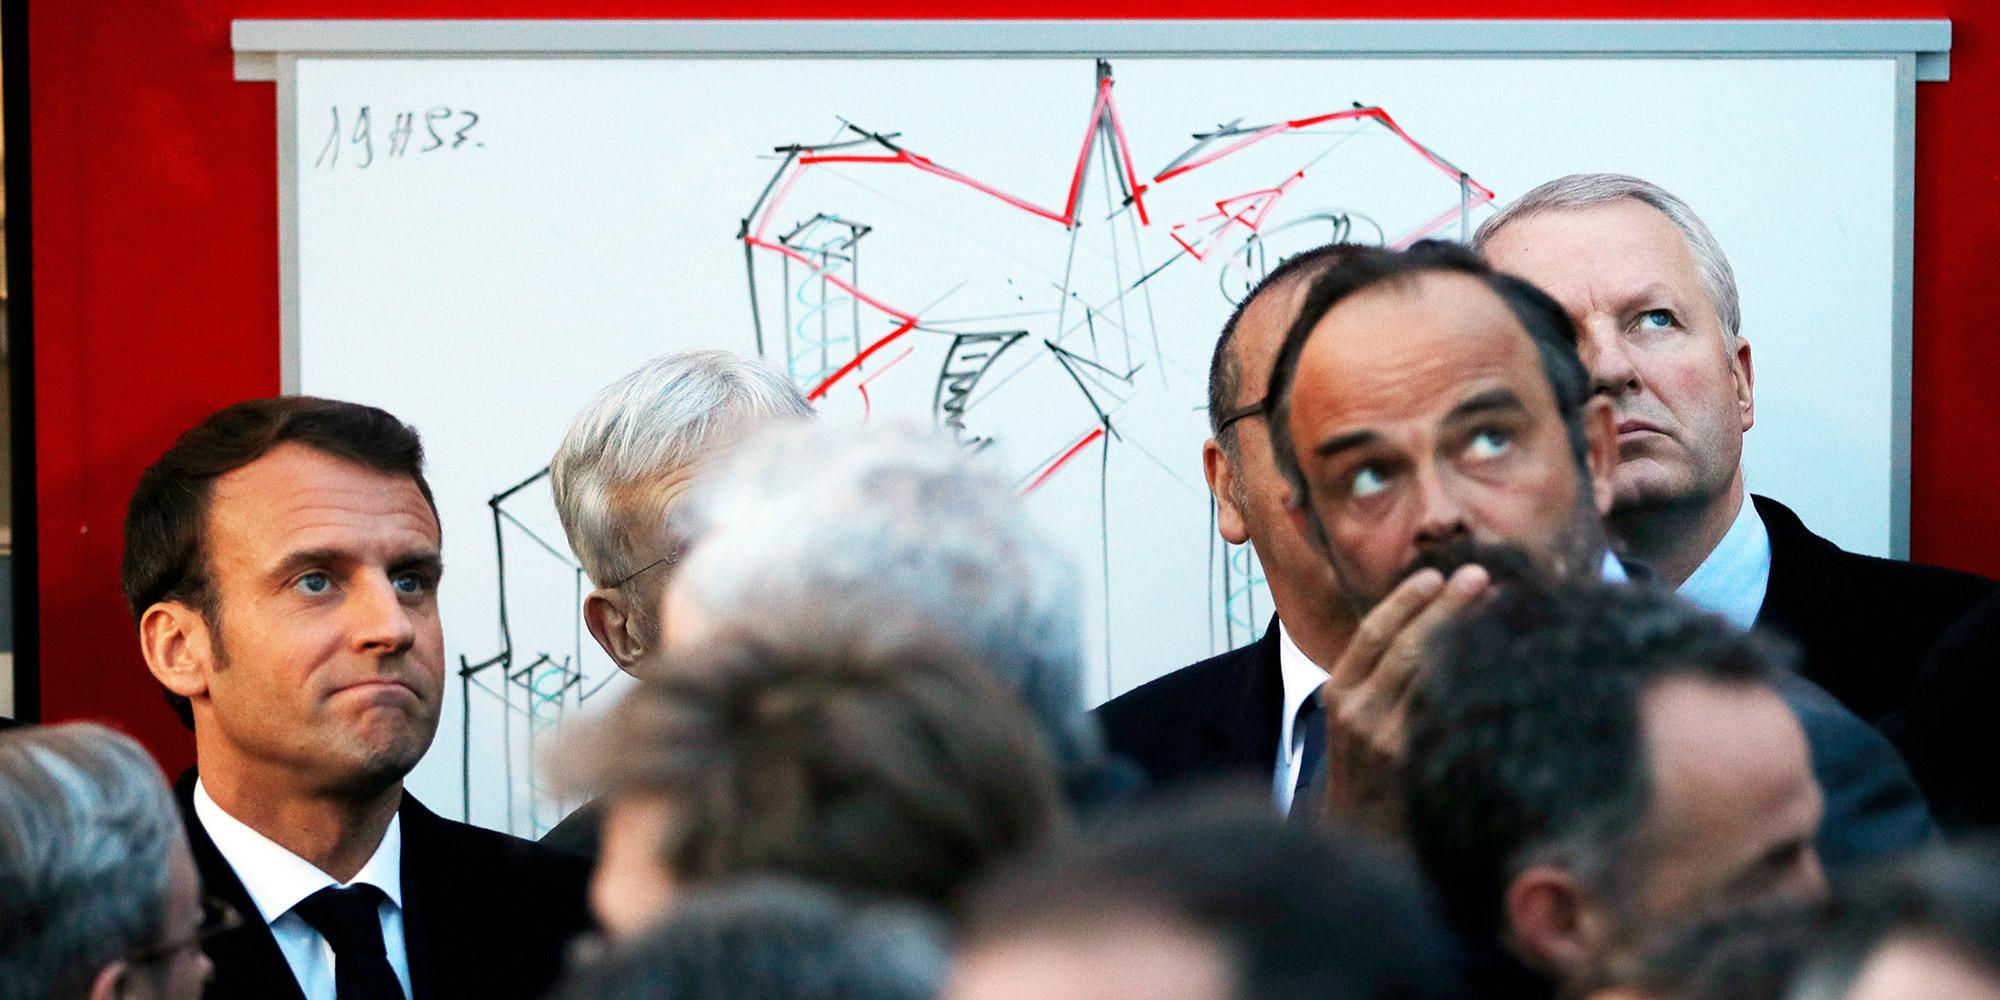 Notre-Dame de Paris : Macron en fait-il trop? - Le Journal du dimanche image